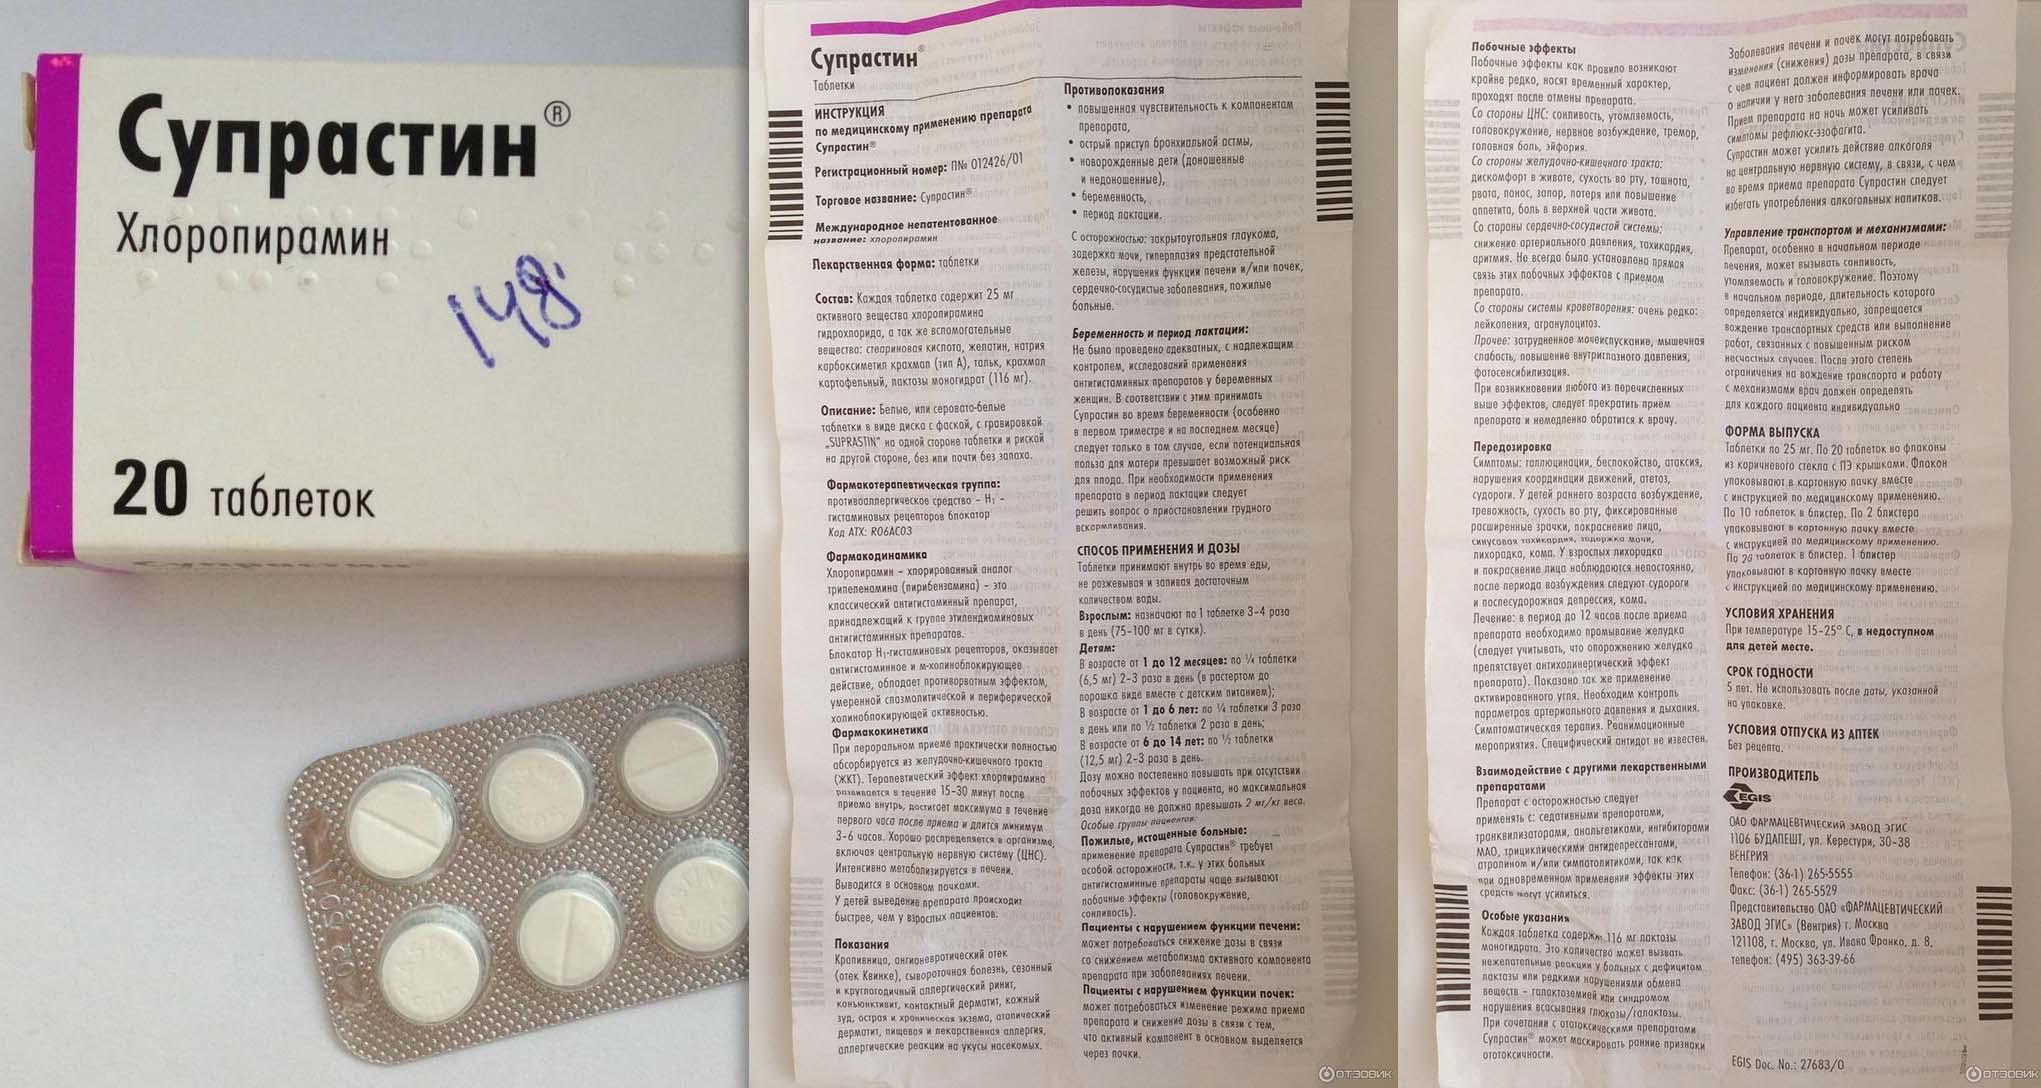 Супрастин детям дозировка в таблетках при аллергии 3 года - педиатор